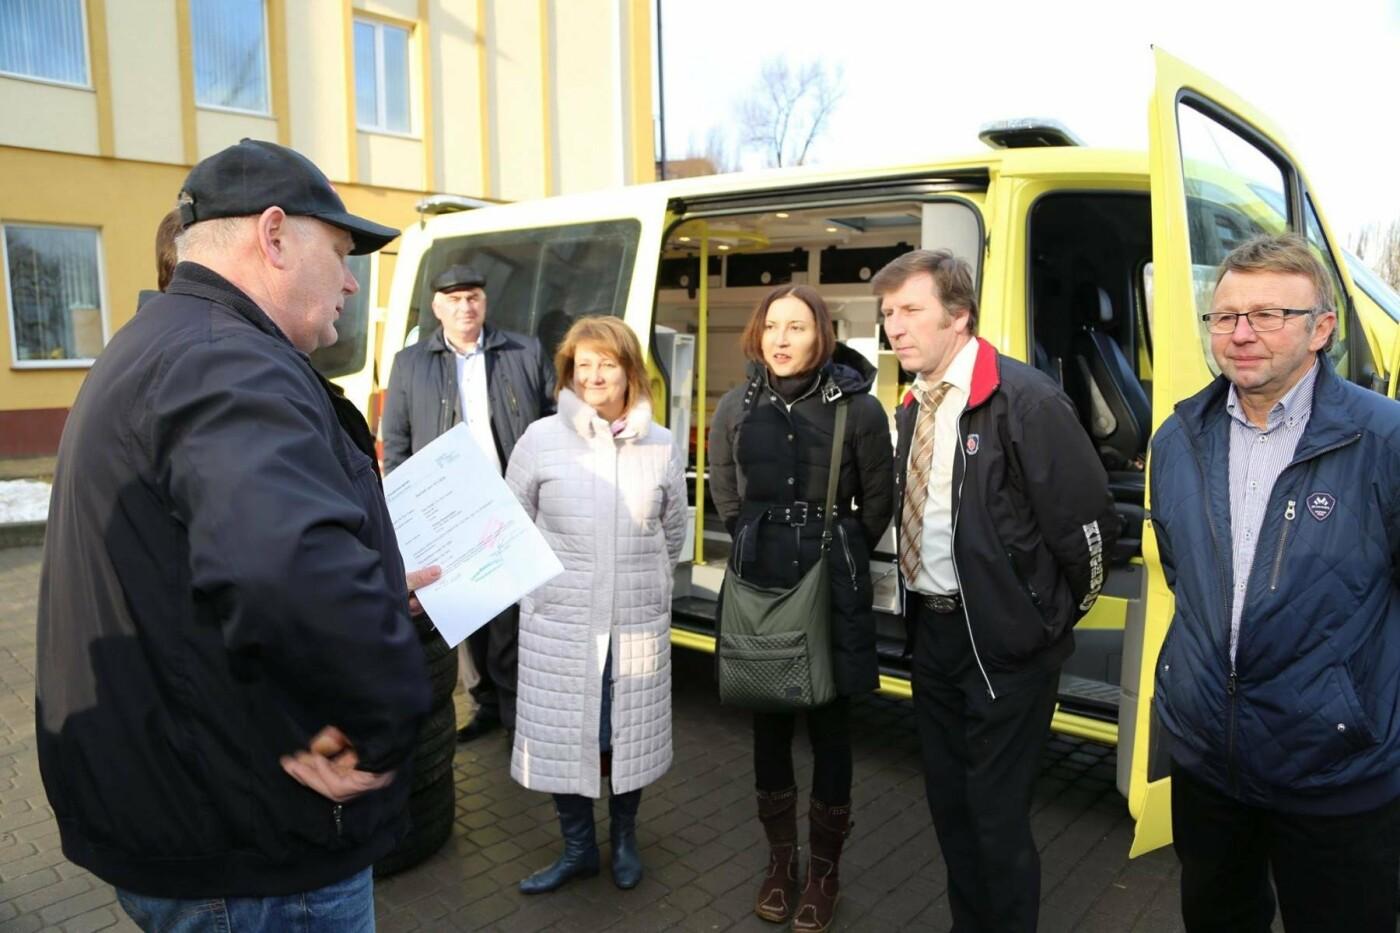 Сучасний реанімобіль відтепер обслуговуватиме маленьких пацієнтів Хмельницької міської дитячої лікарні, фото-7